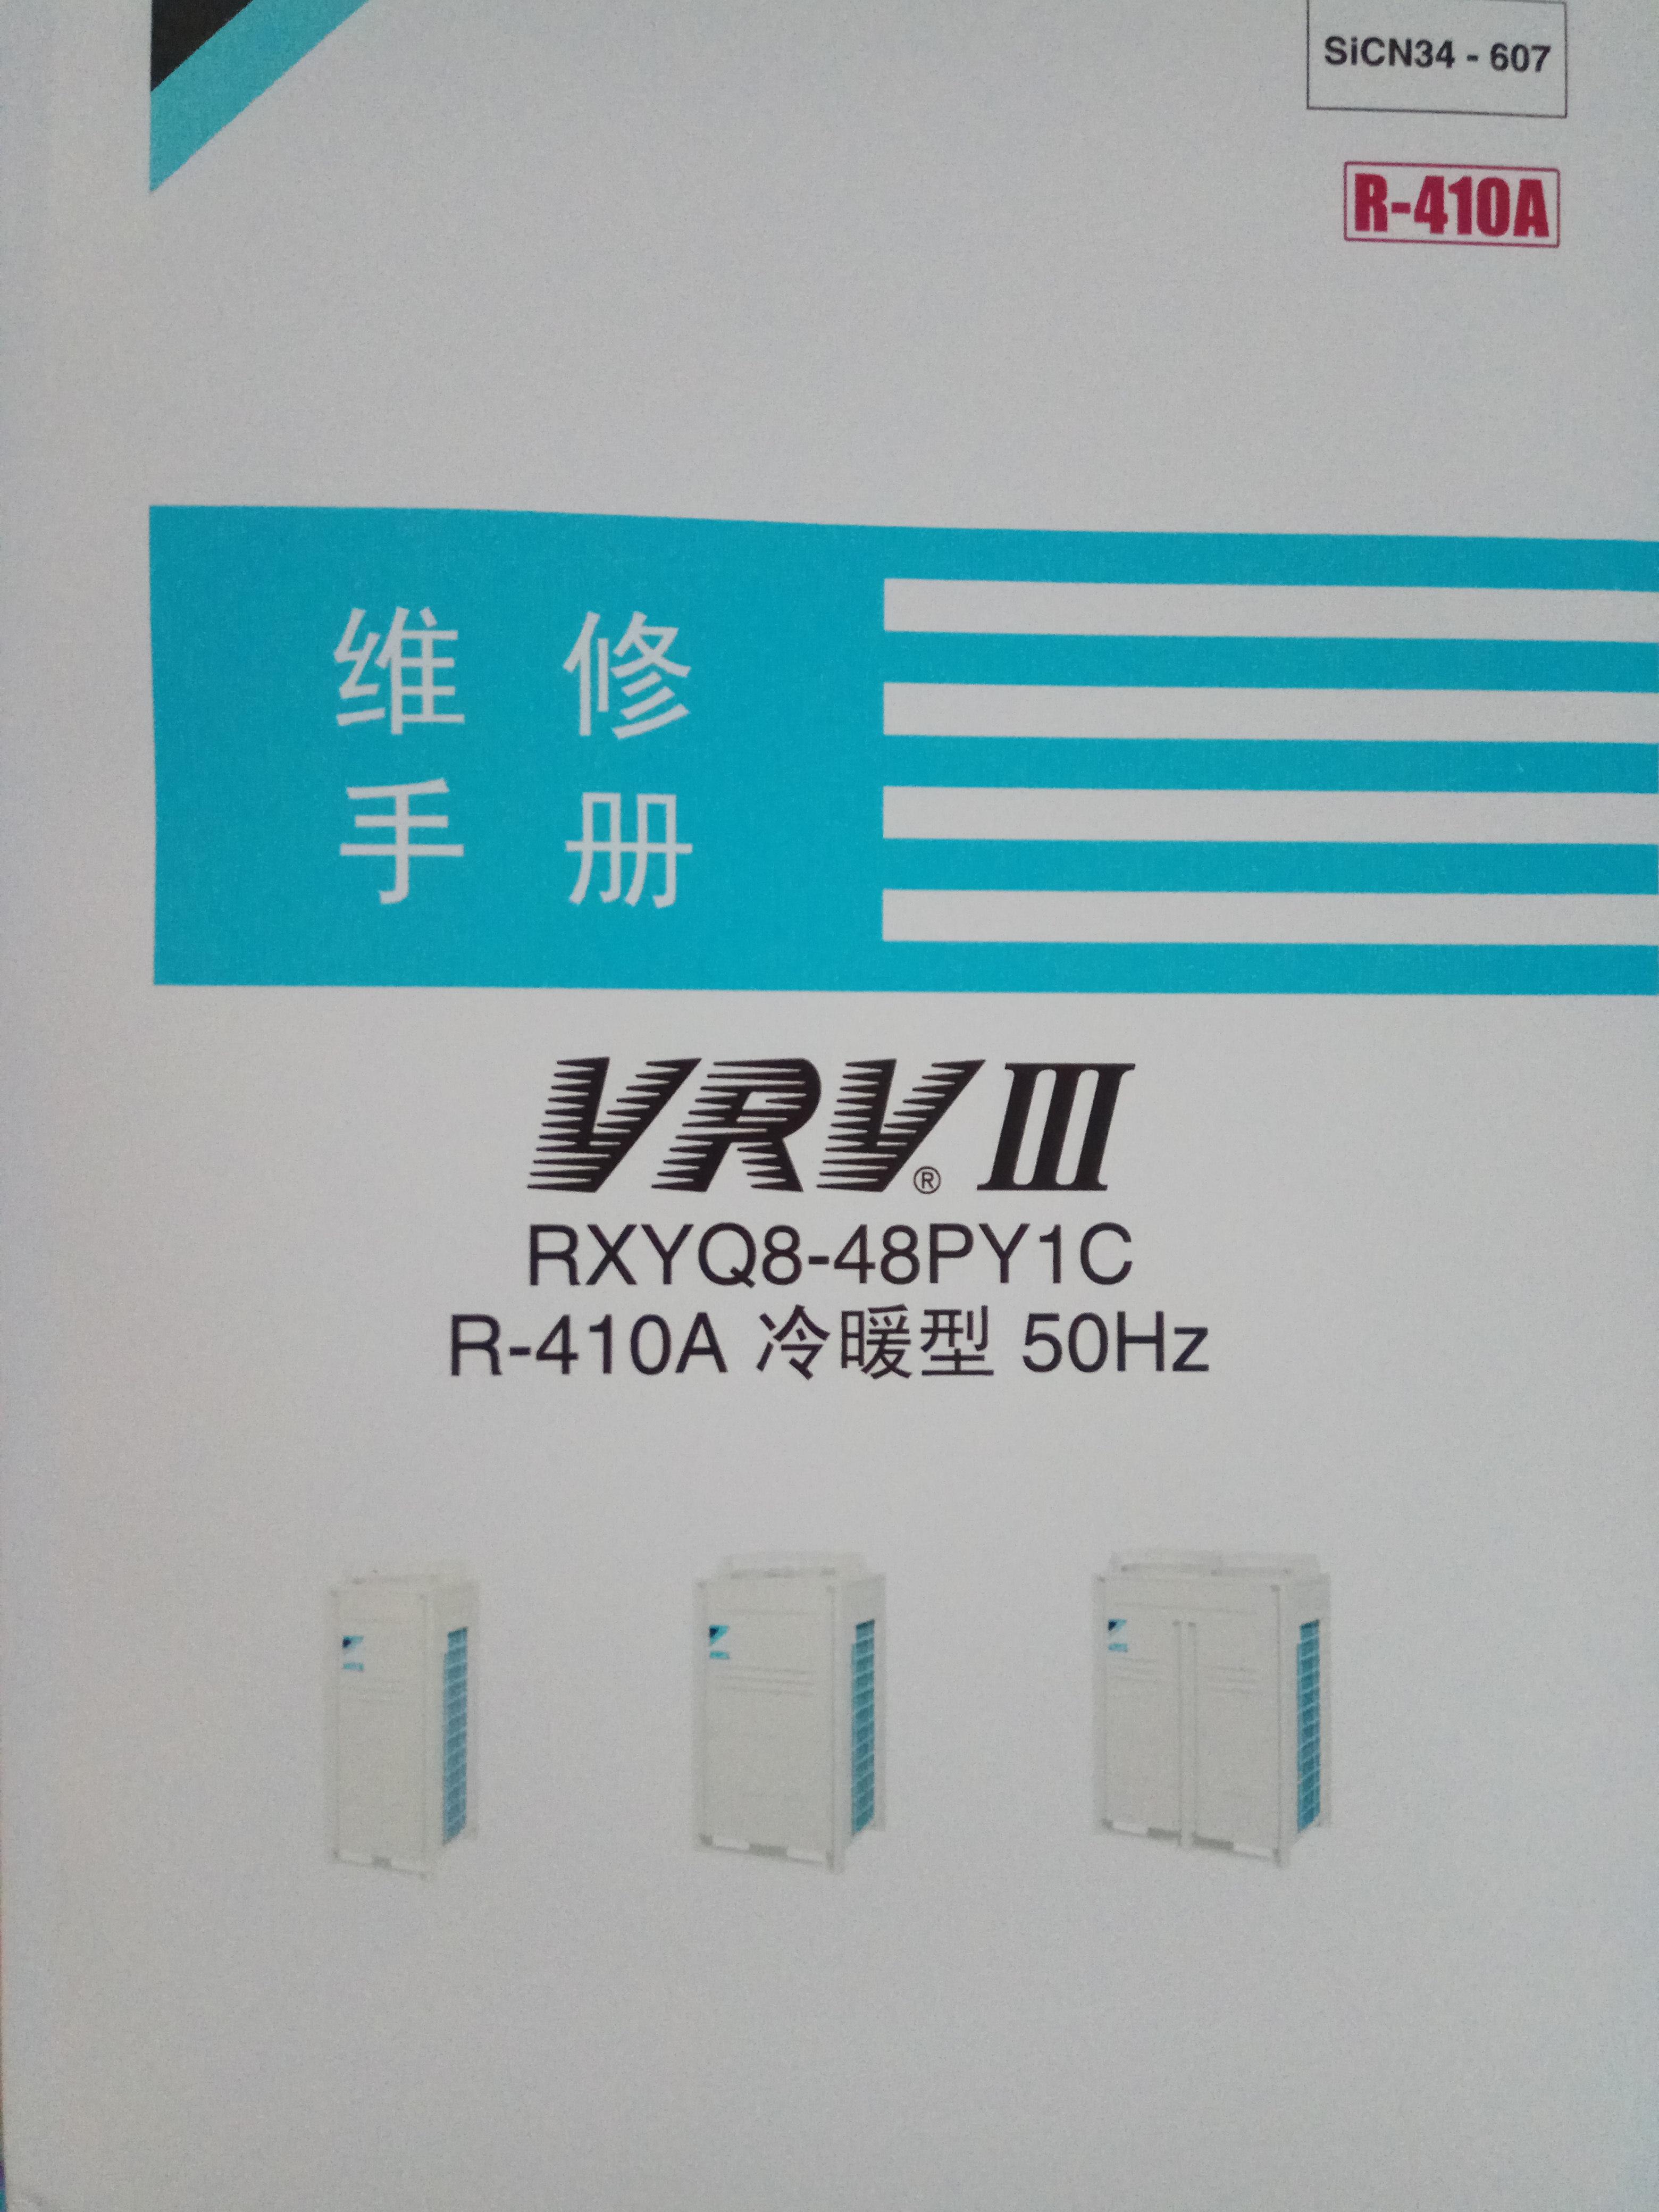 Daikin klimaanlagen - RXYQ8-48PY1C WARTUNG der Daten innerhalb der VRV3 Handbuch